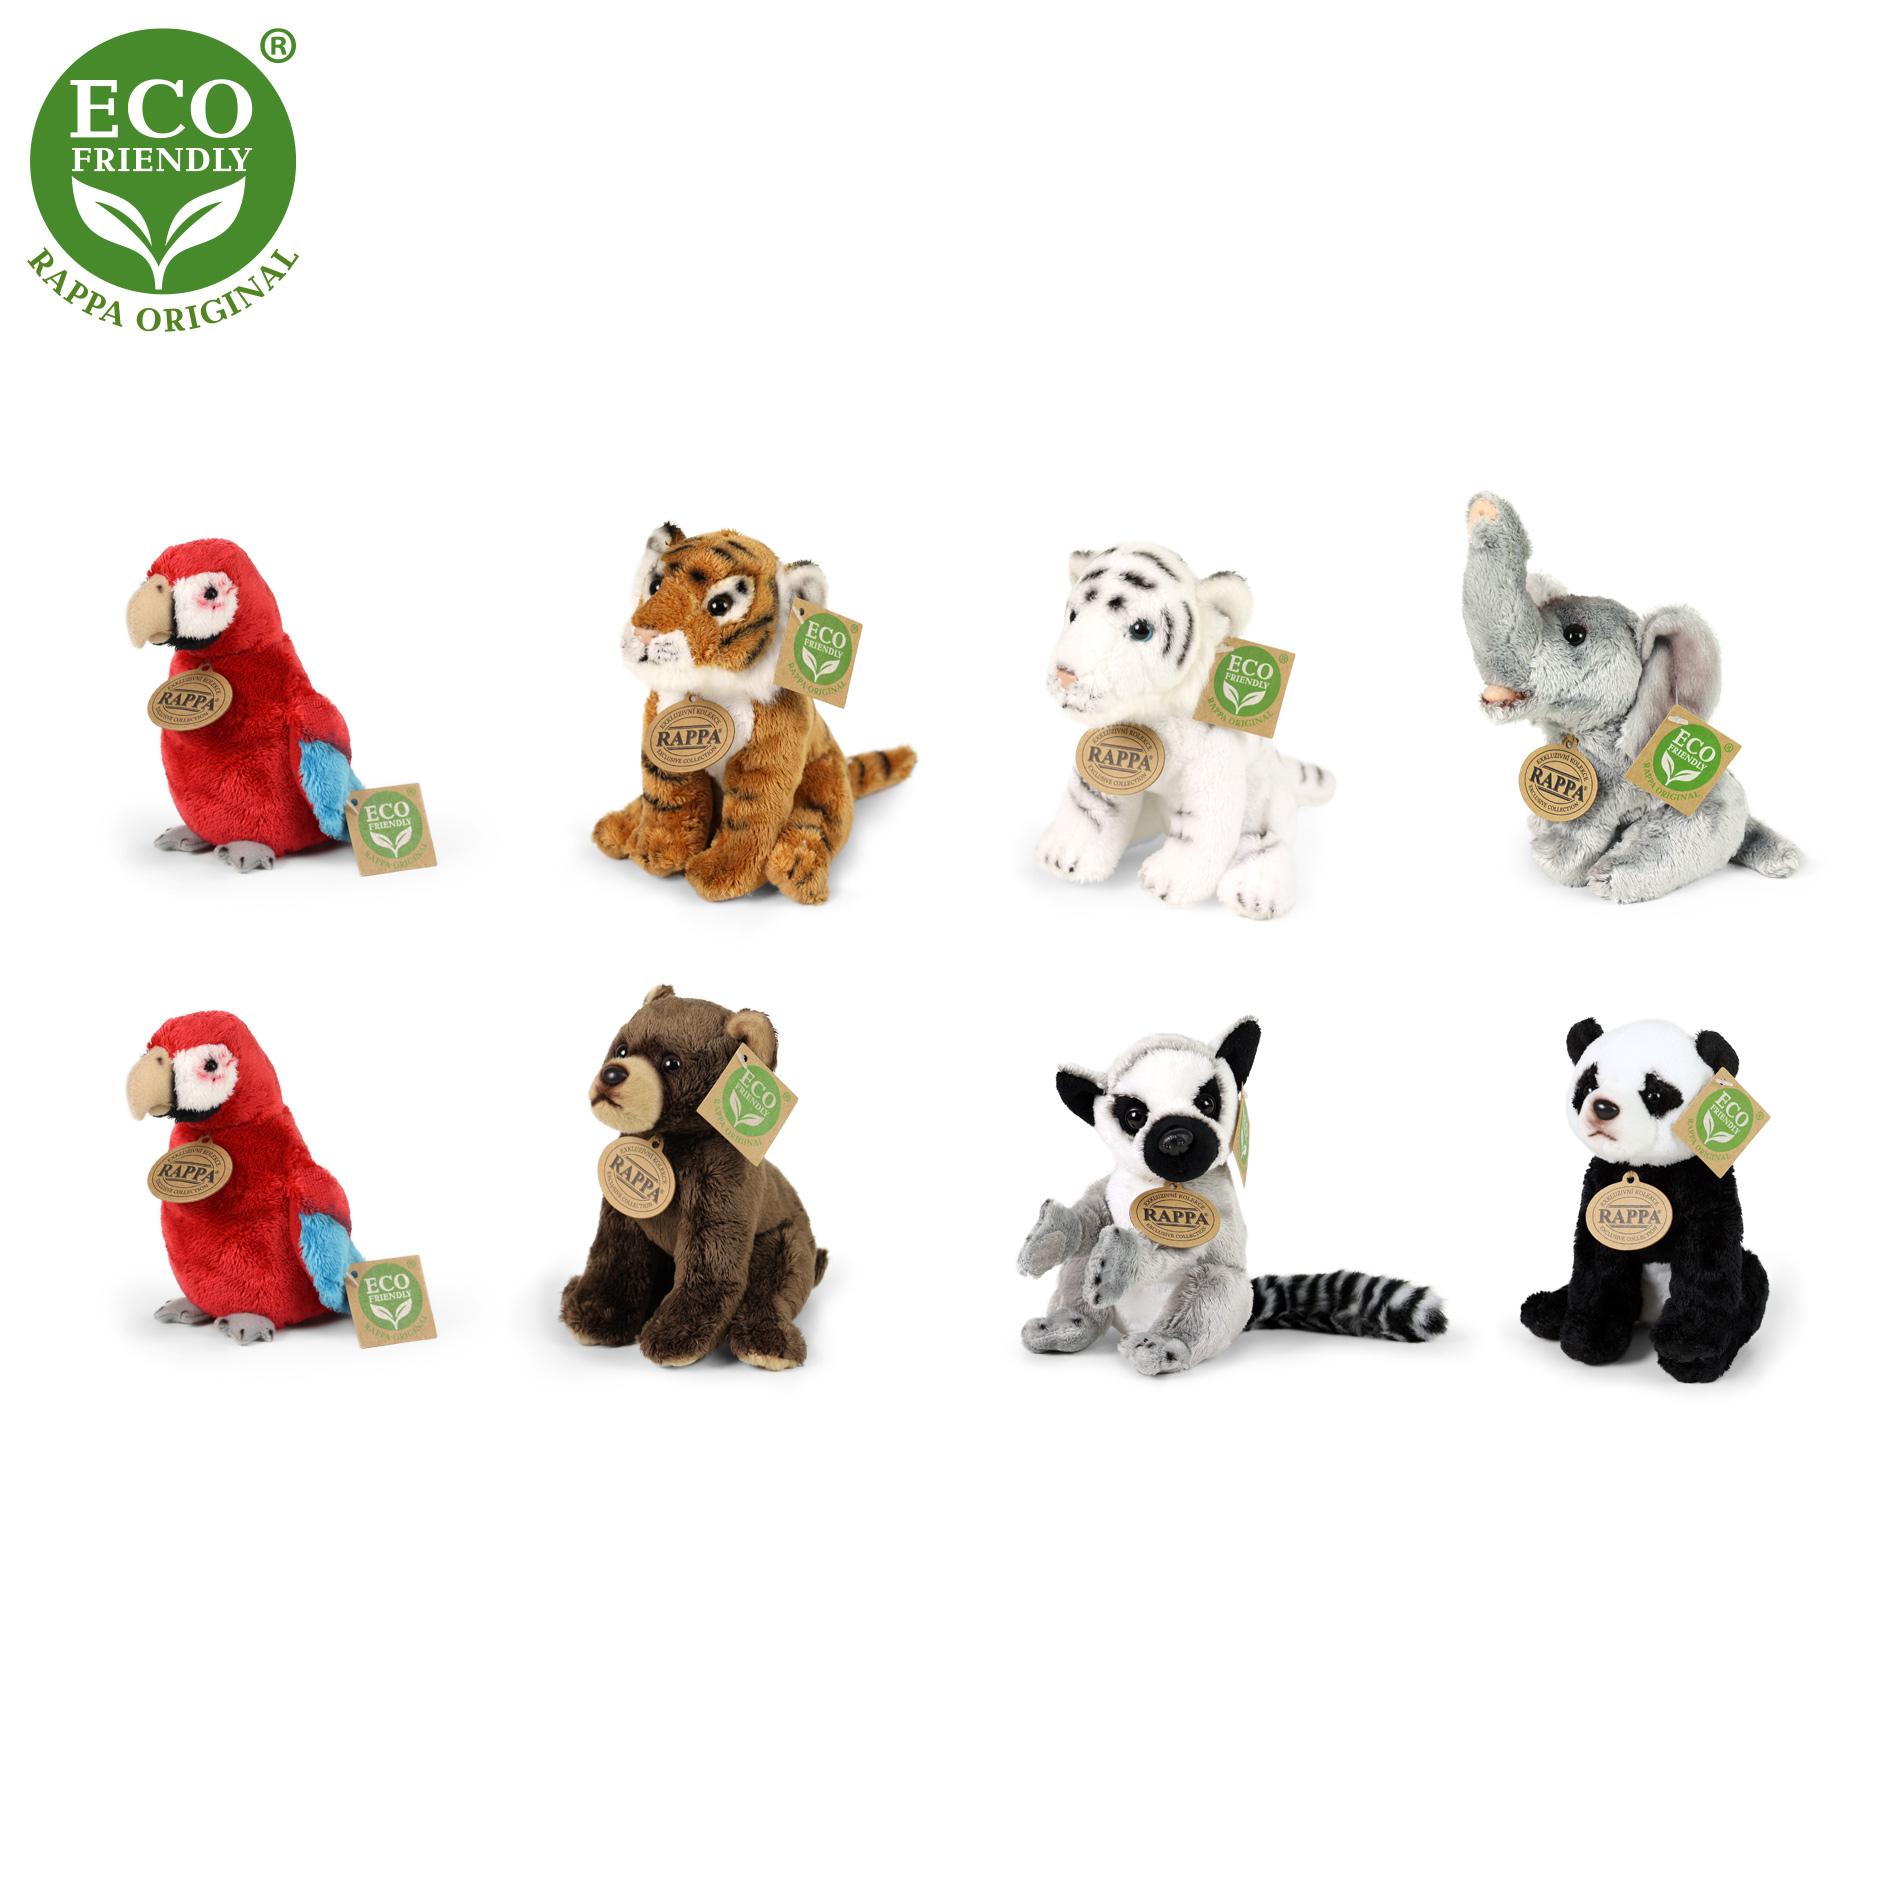 Plyšová zvířata exotická 8 druhů 15 cm ECO-FRIENDLY